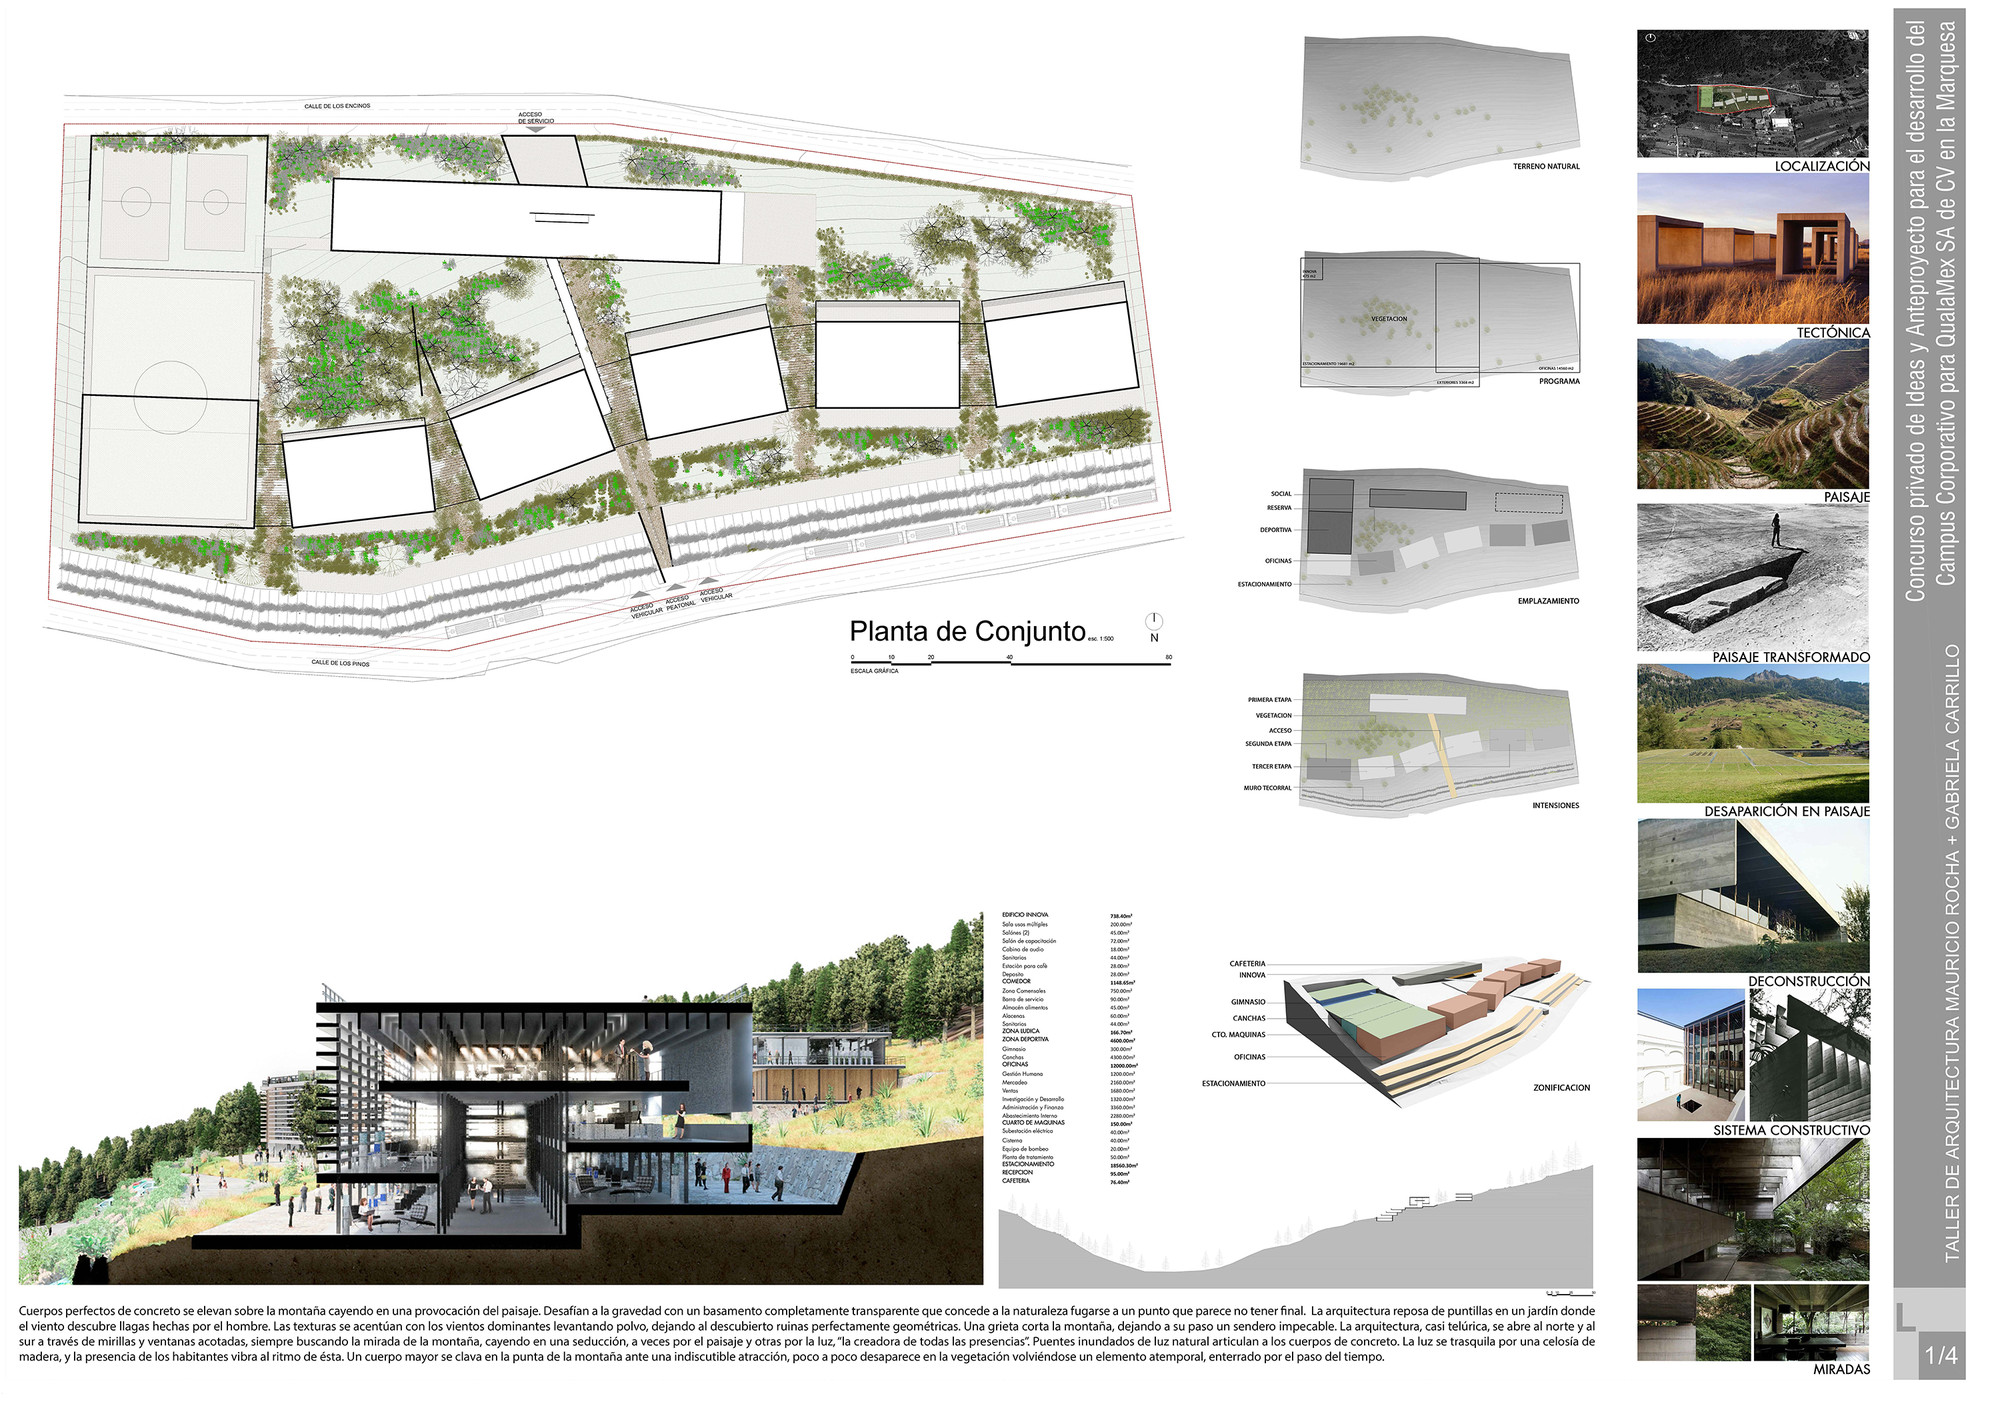 Propuestas del concurso para el campus corporativo de - Gva arquitectos ...